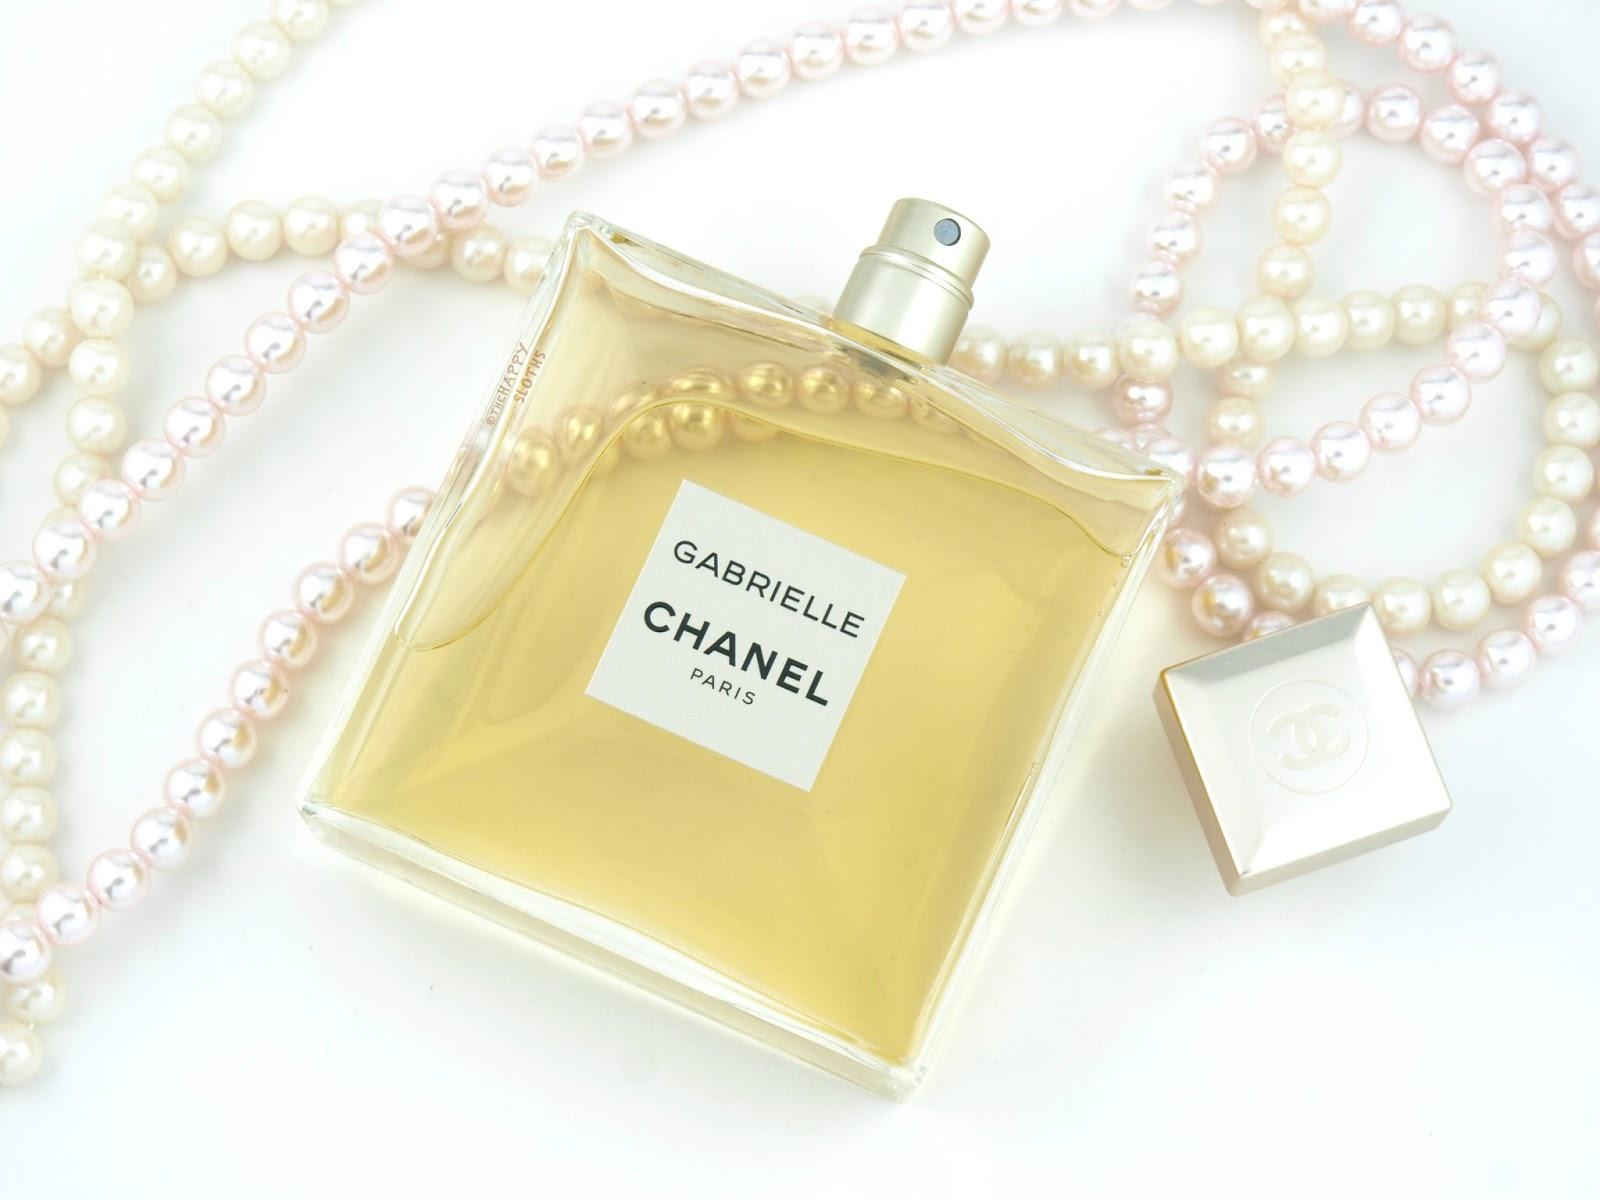 Chanel Gabrielle Chanel Eau de Parfum: Review